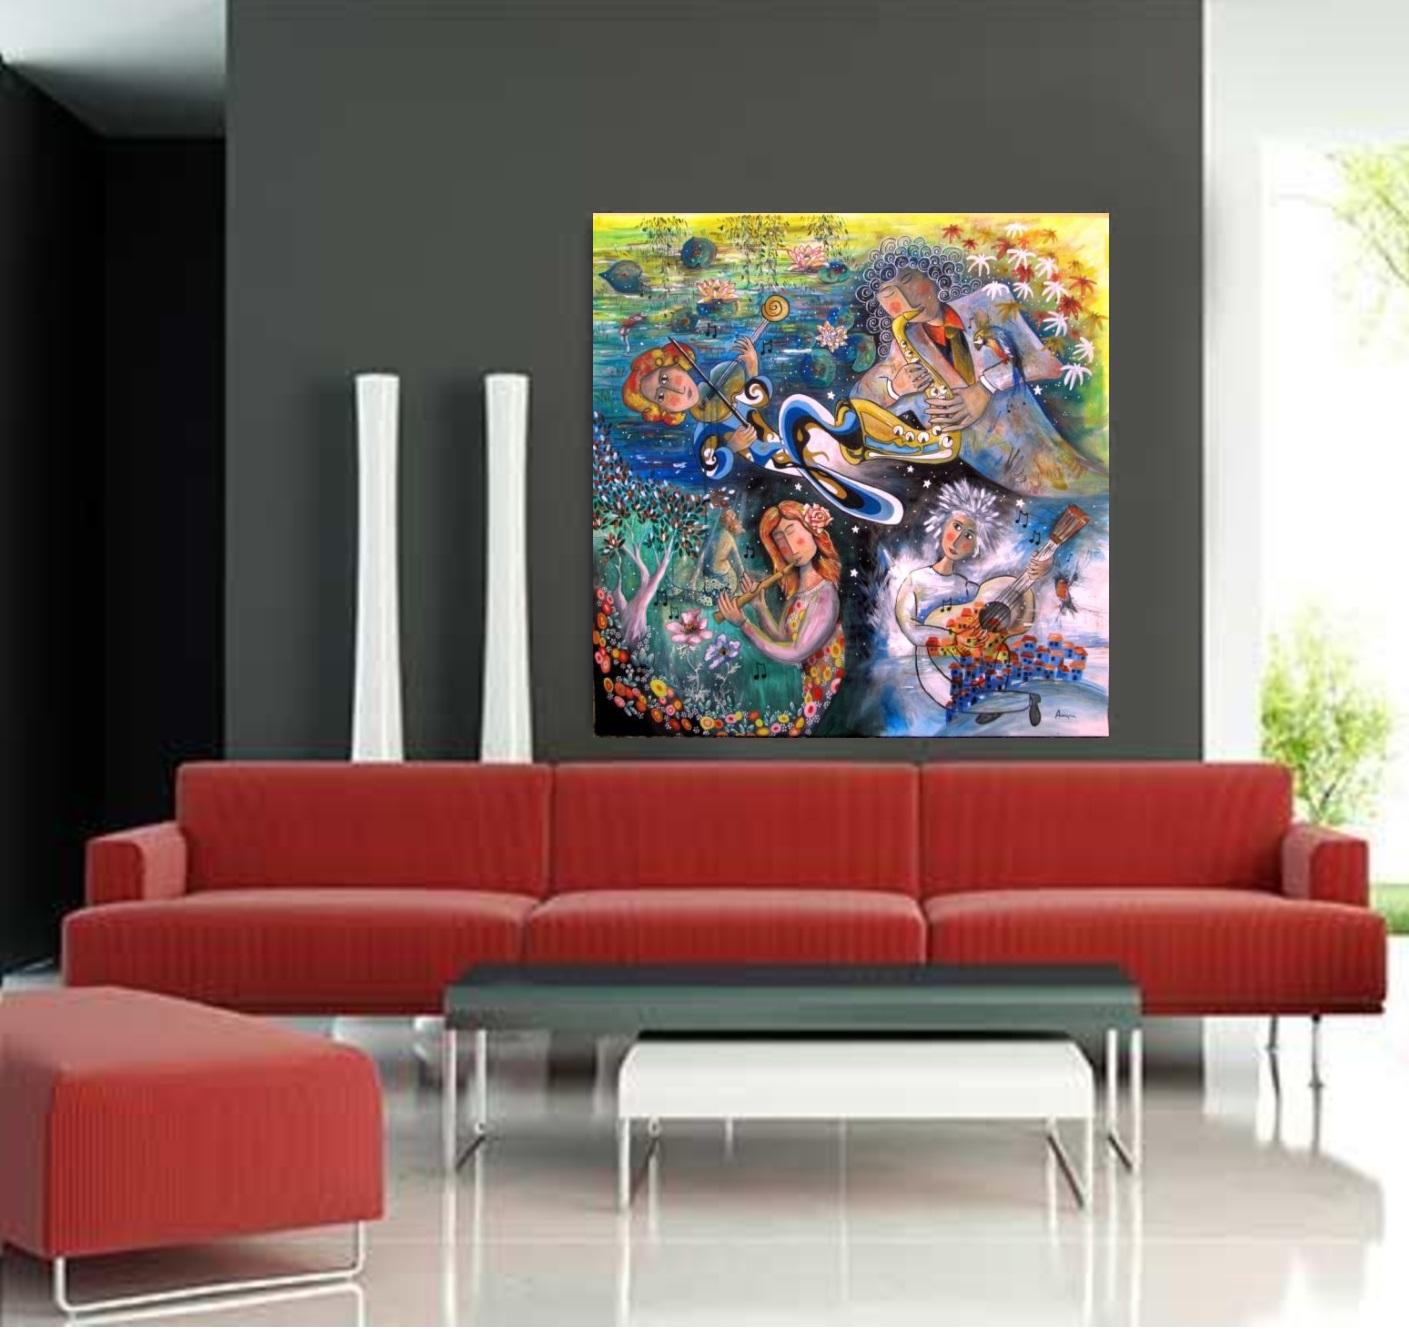 interior design home, décoration intérieure